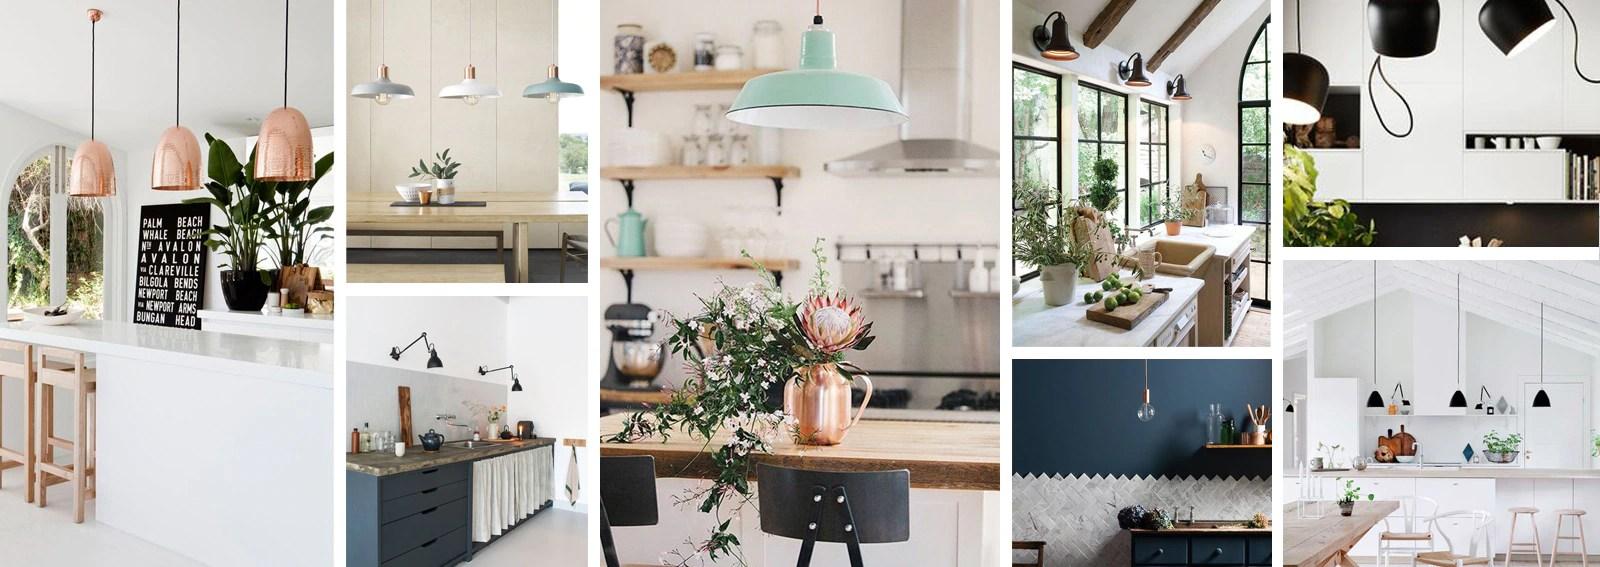 Come illuminare la cucina 15 idee da copiare  Graziait